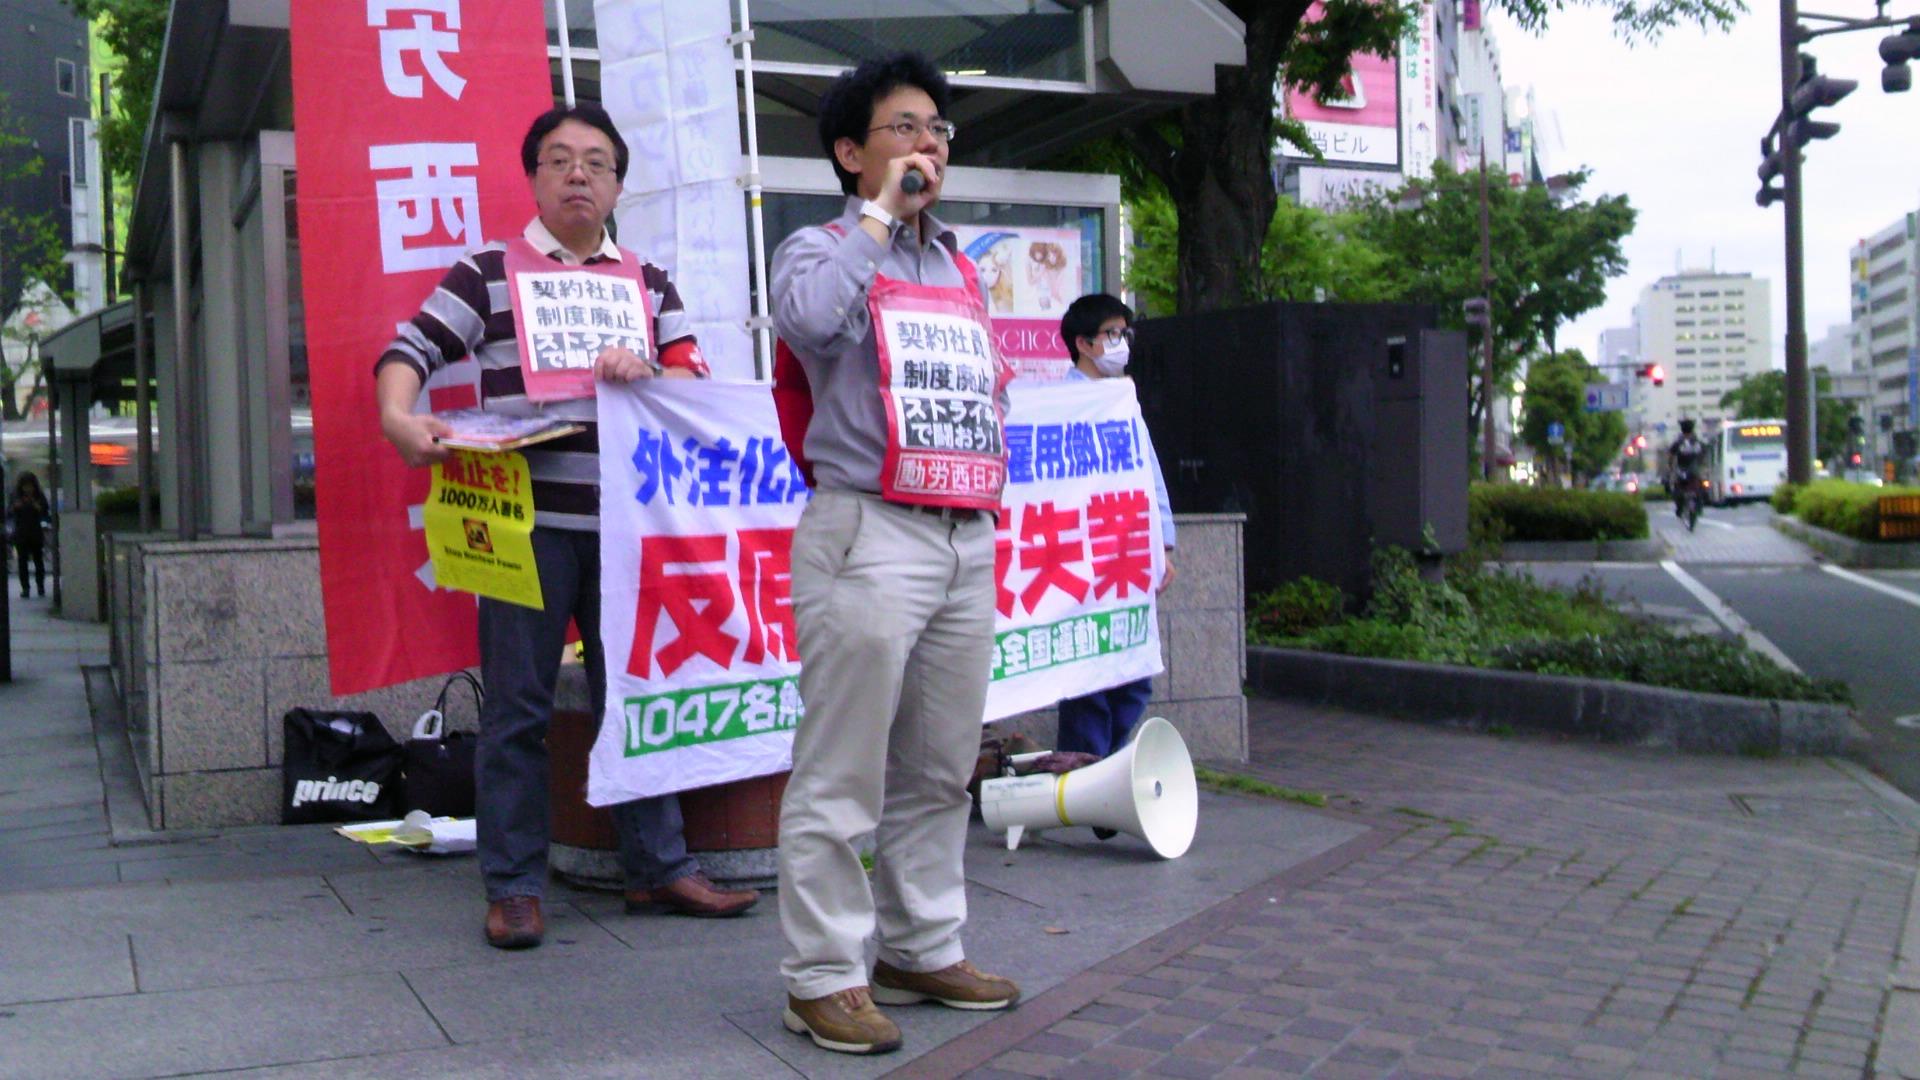 5・1岡山メーデーで、山田副委員長が岡山駅に向かってアピール!_d0155415_1820565.jpg